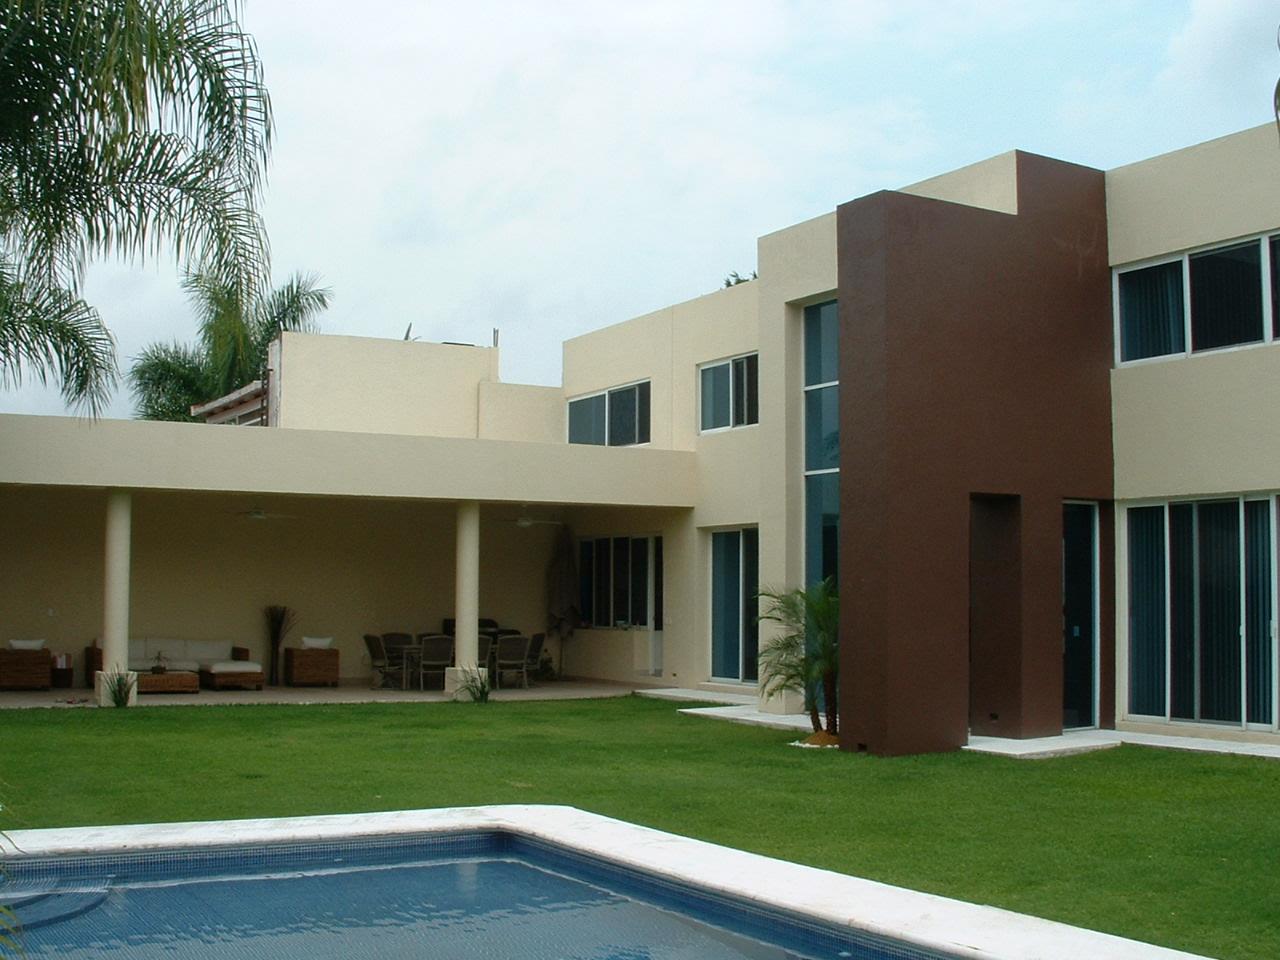 Casas con estilo operacion inmueble inmobiliaria en for Casa minimalista veracruz